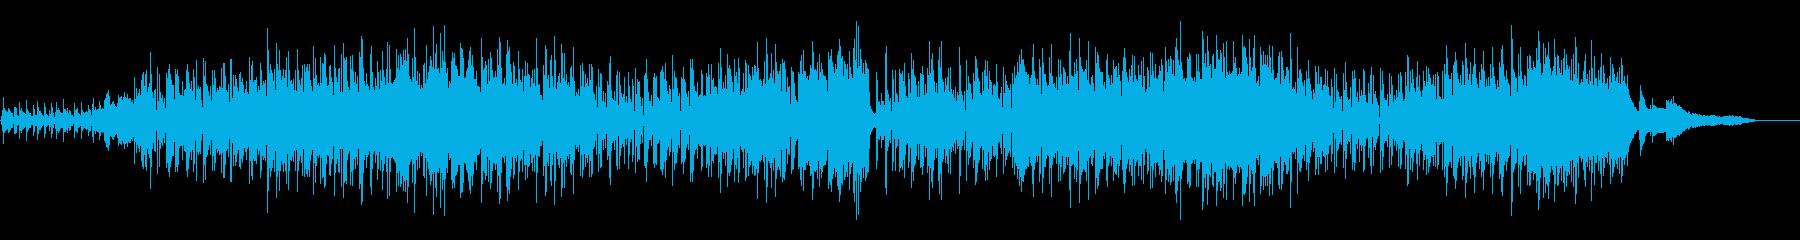 【メロなし】哀愁のボサノバ生ギターの再生済みの波形